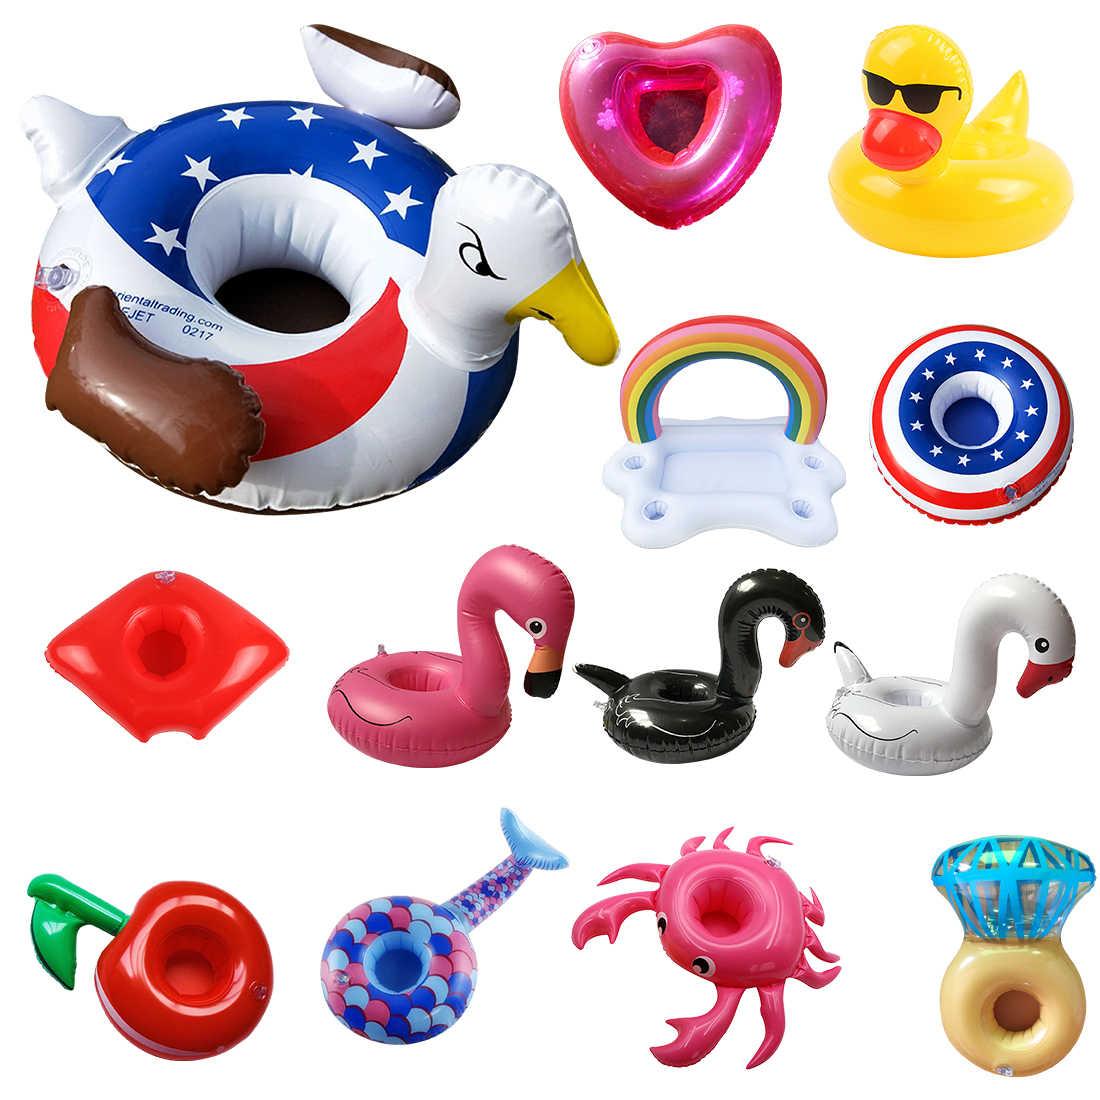 New Inflatable Kolam Renang Float Piala Minum Bir Pemegang Zwembad Meja Bar Nampan Musim Panas Kolam Mainan Pesta Pantai Aksesoris